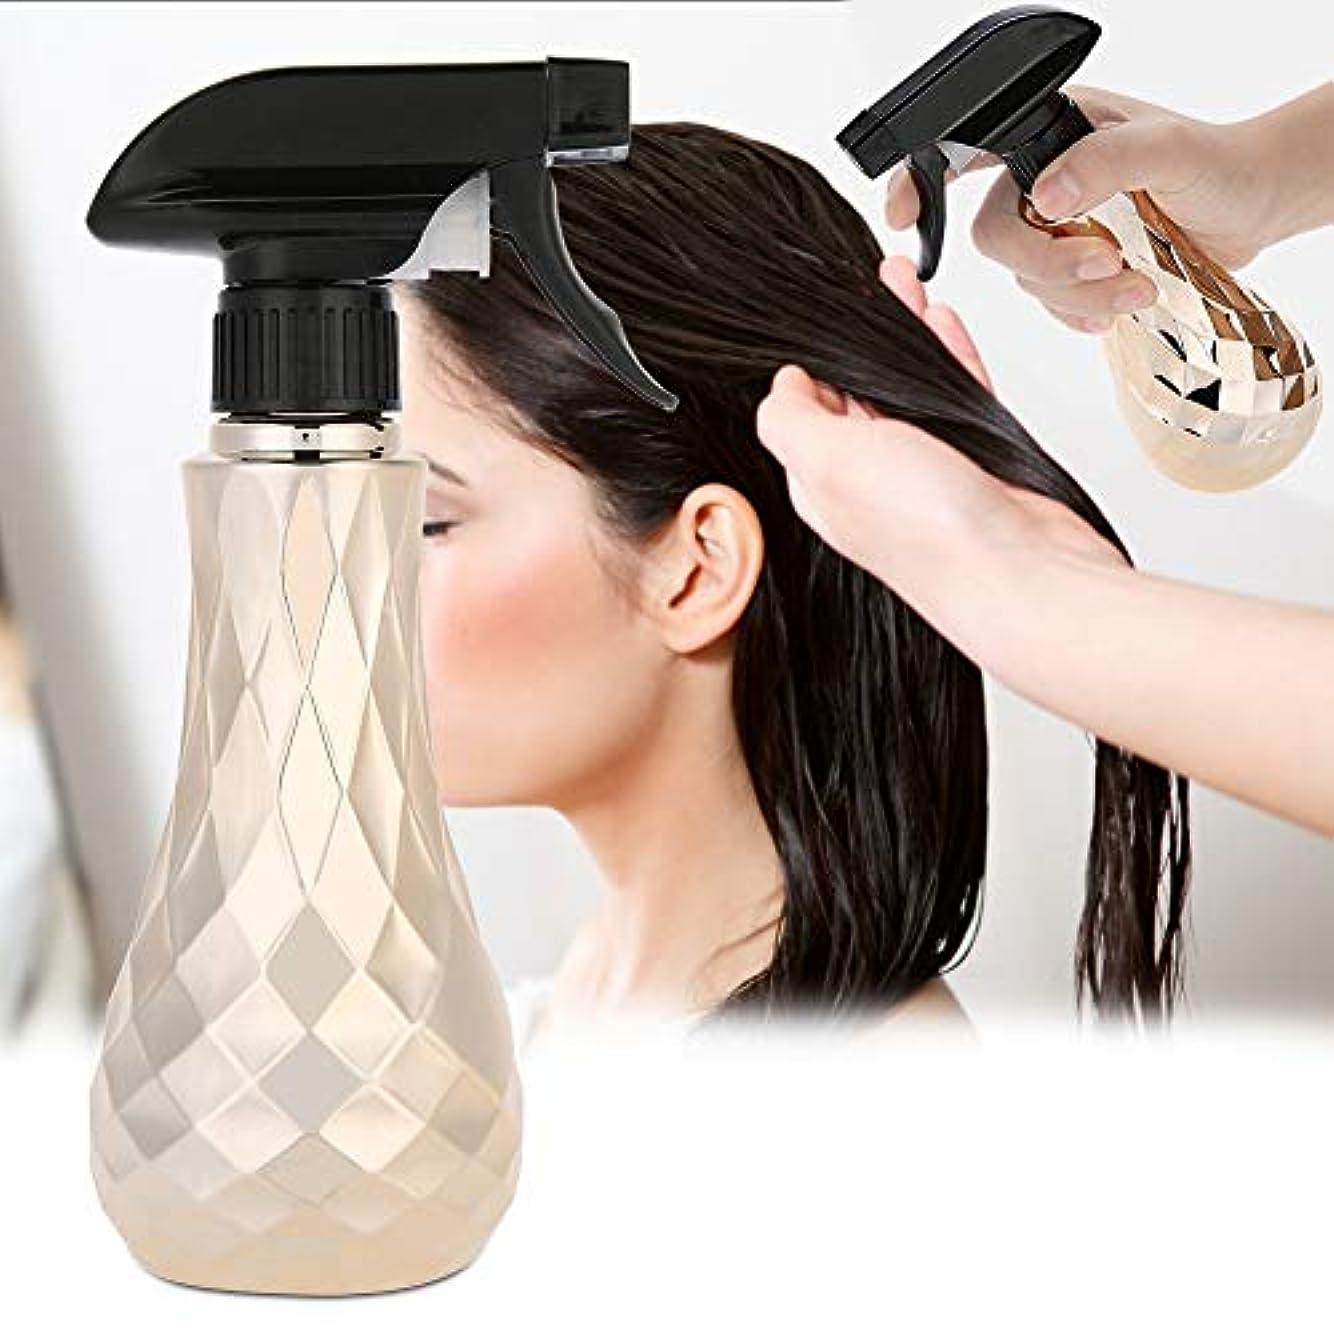 表面するだろうフォルダ水スプレー空のボトル、300ミリリットル詰め替え式プラスチック理髪水スプレー理髪店スプレーボトルコンテナ植物の散水ツールとサロン理髪ヘアスタイリン(Oro)